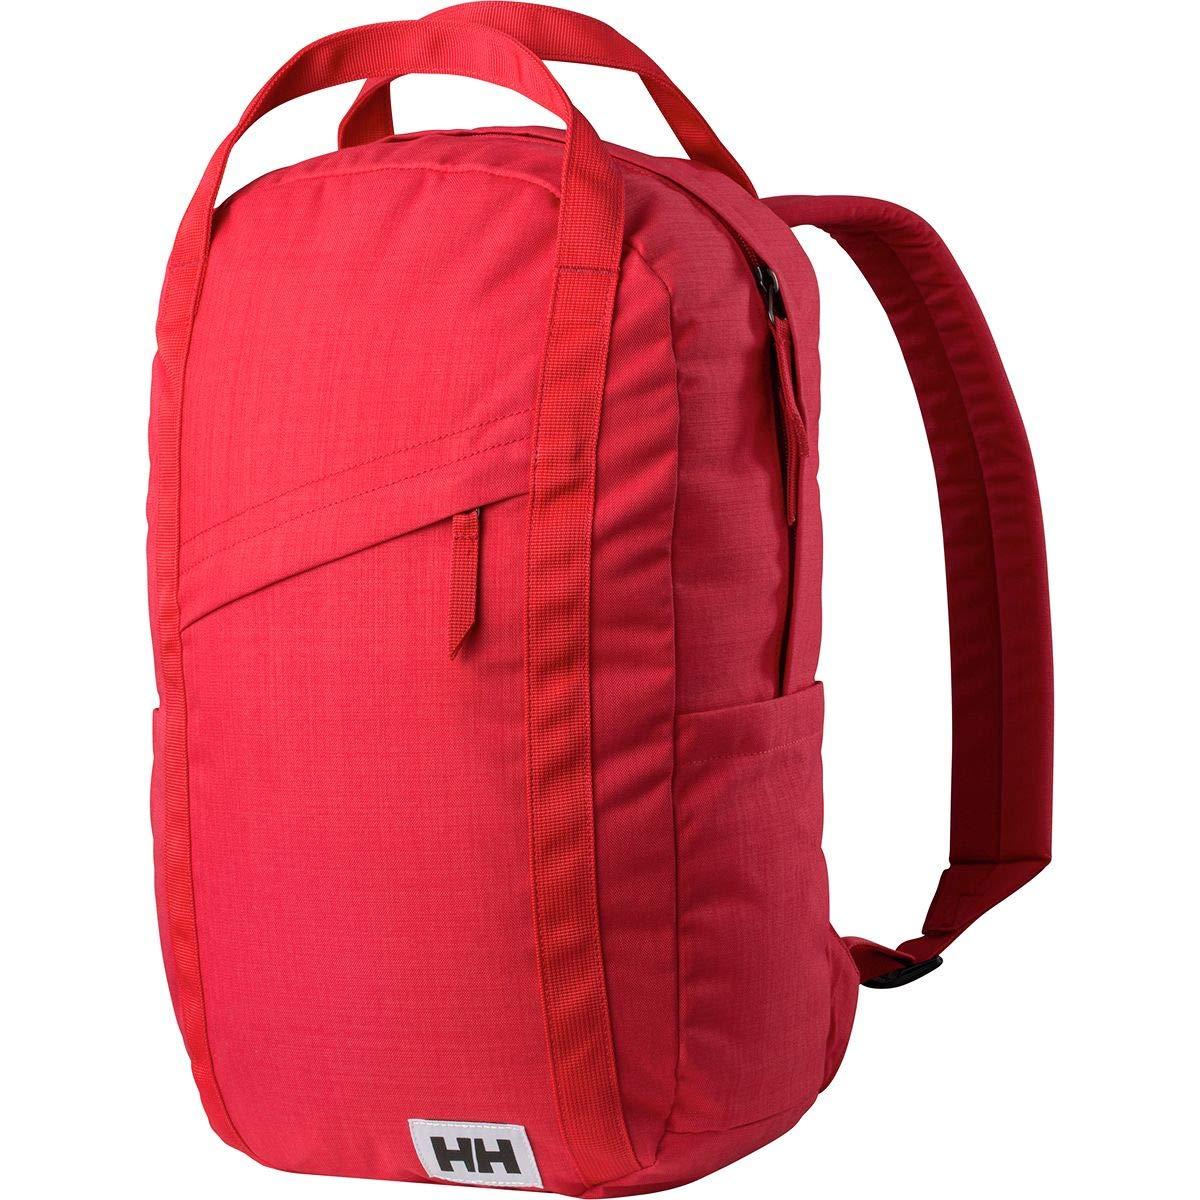 (ヘリーハンセン)Helly Hansen Oslo 20L Backpackメンズ バックパック リュック Flag Red [並行輸入品]   B07H5BJR4Y